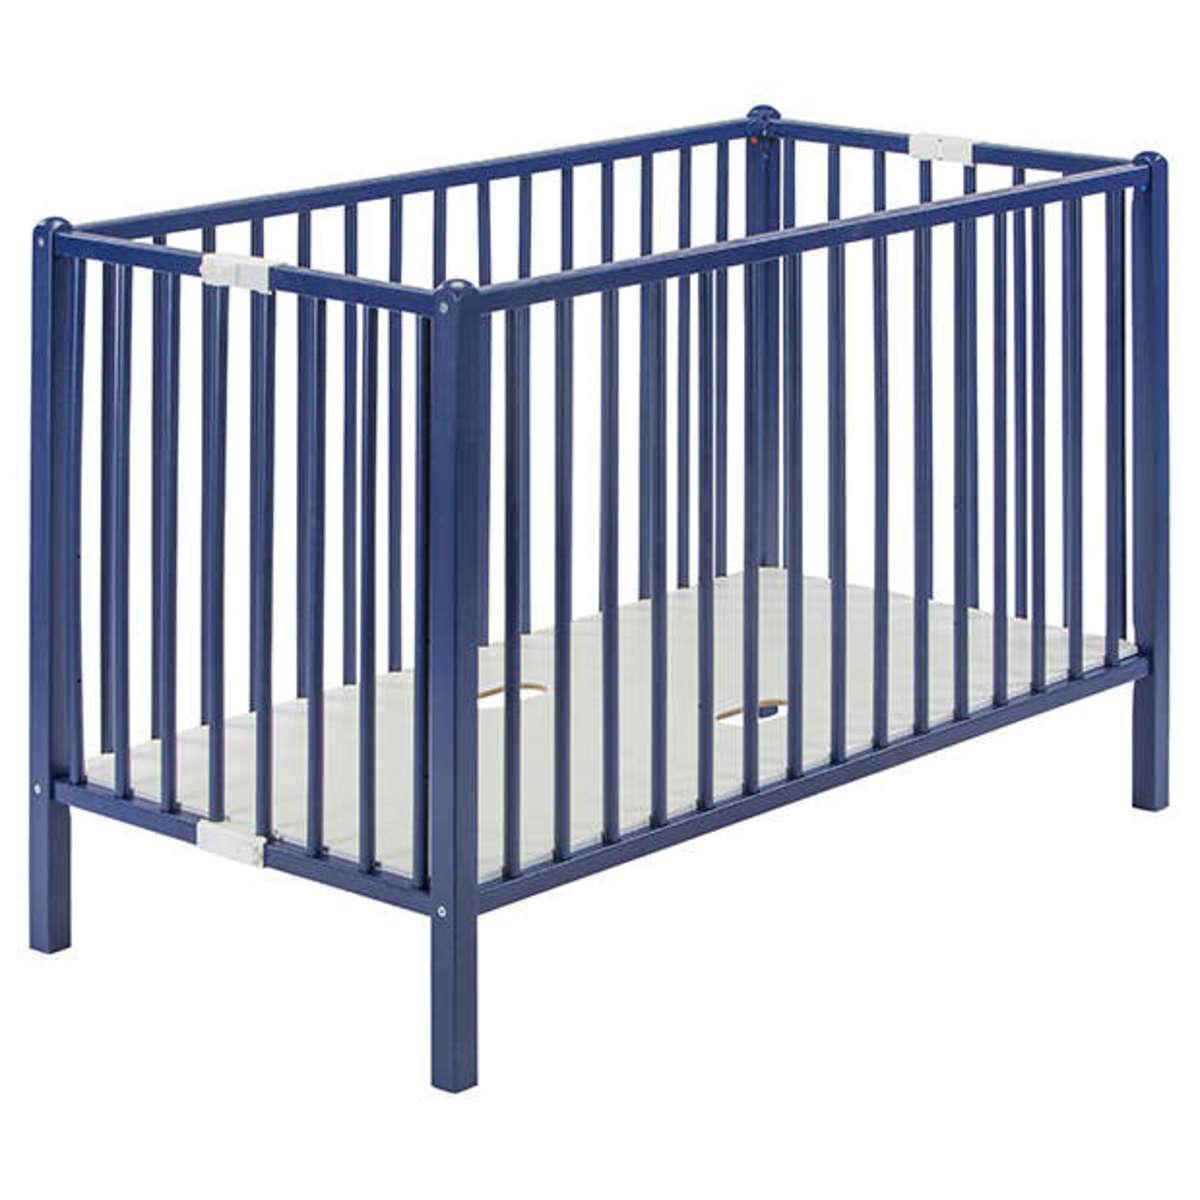 lit bb lit bb pliant romo 60 x 120 cm laqu bleu lit bb pliant - Lit Bebe Pliant